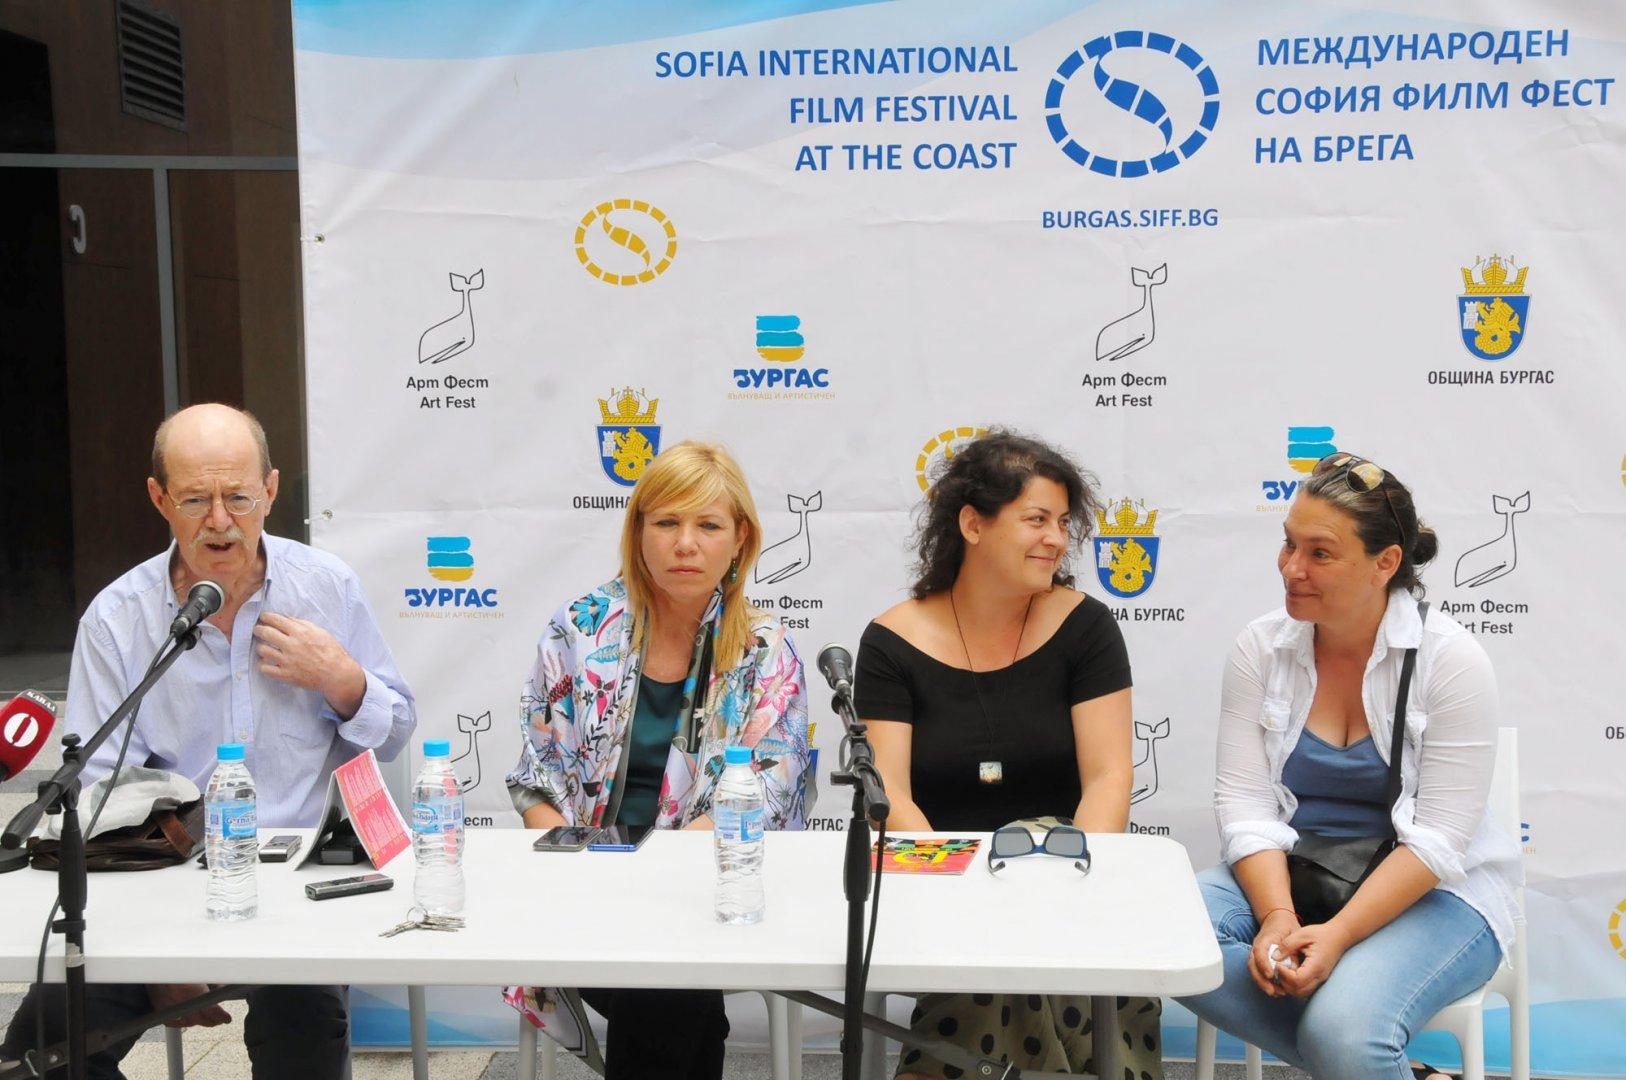 Проф. Георги Дюлгеров е председател на професионалното жури, което оценява филмите от конкурсната програма. Снимка Черноморие-бг